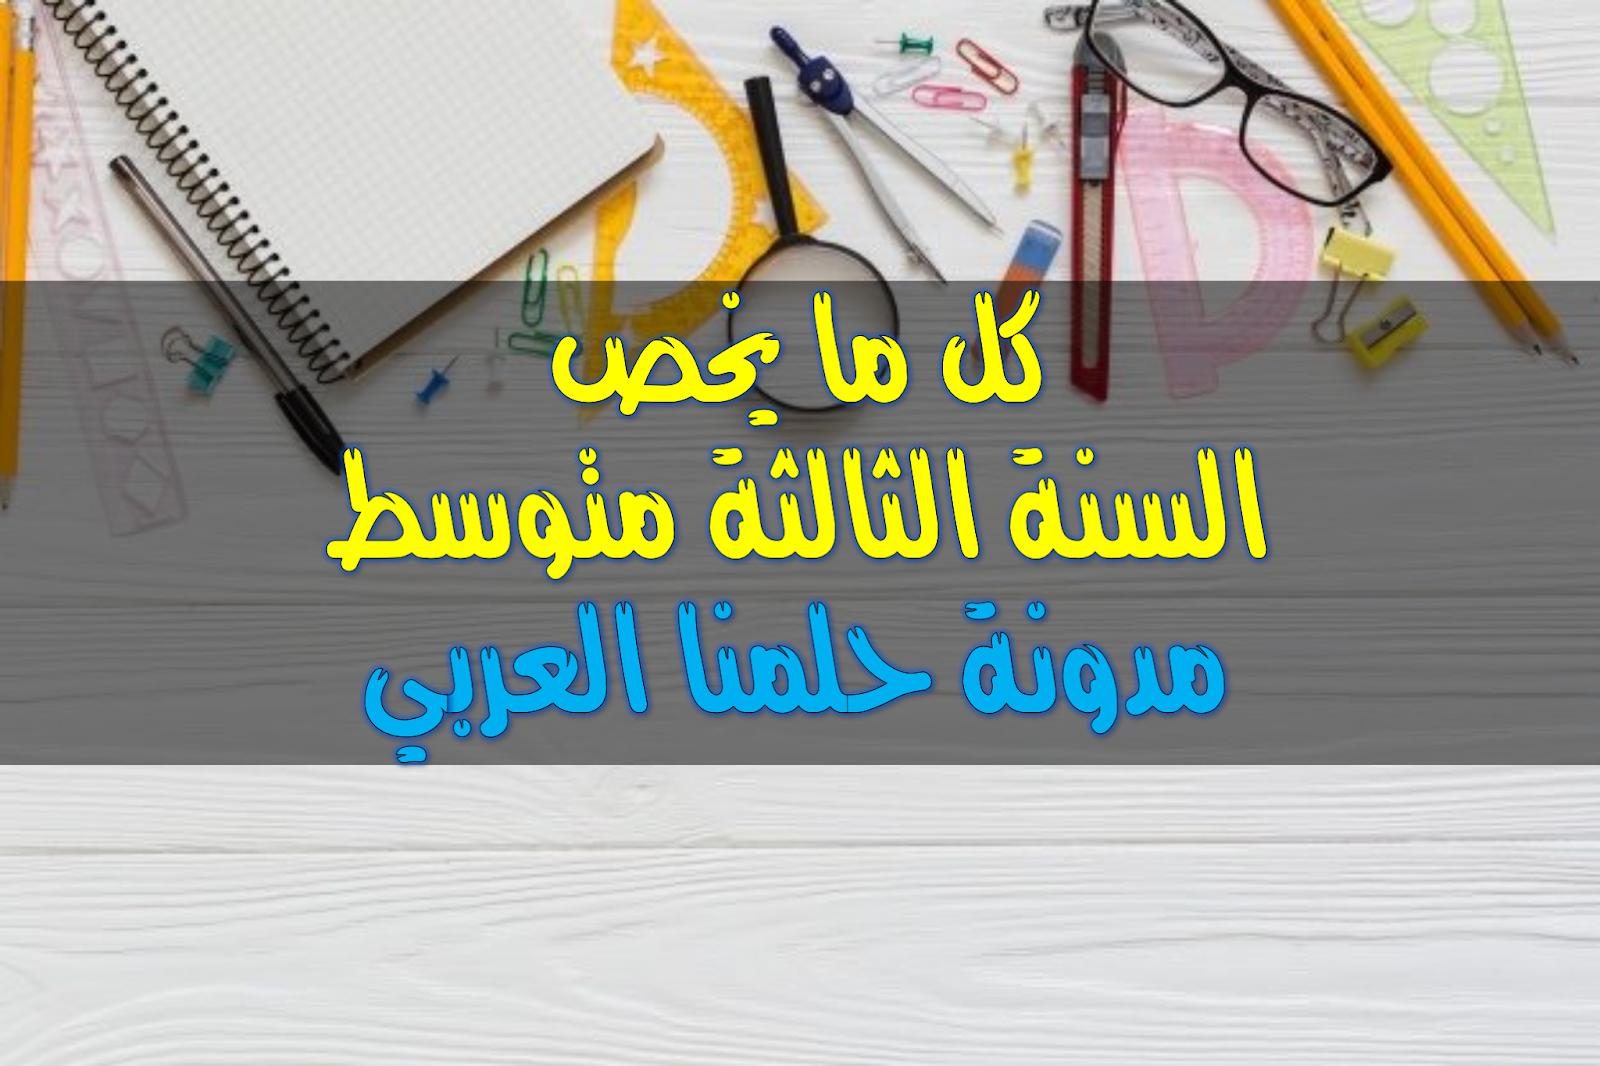 موسوعة بحوث اللغة الانجليزية للسنة الثالثة متوسط مدونة حلمنا العربي